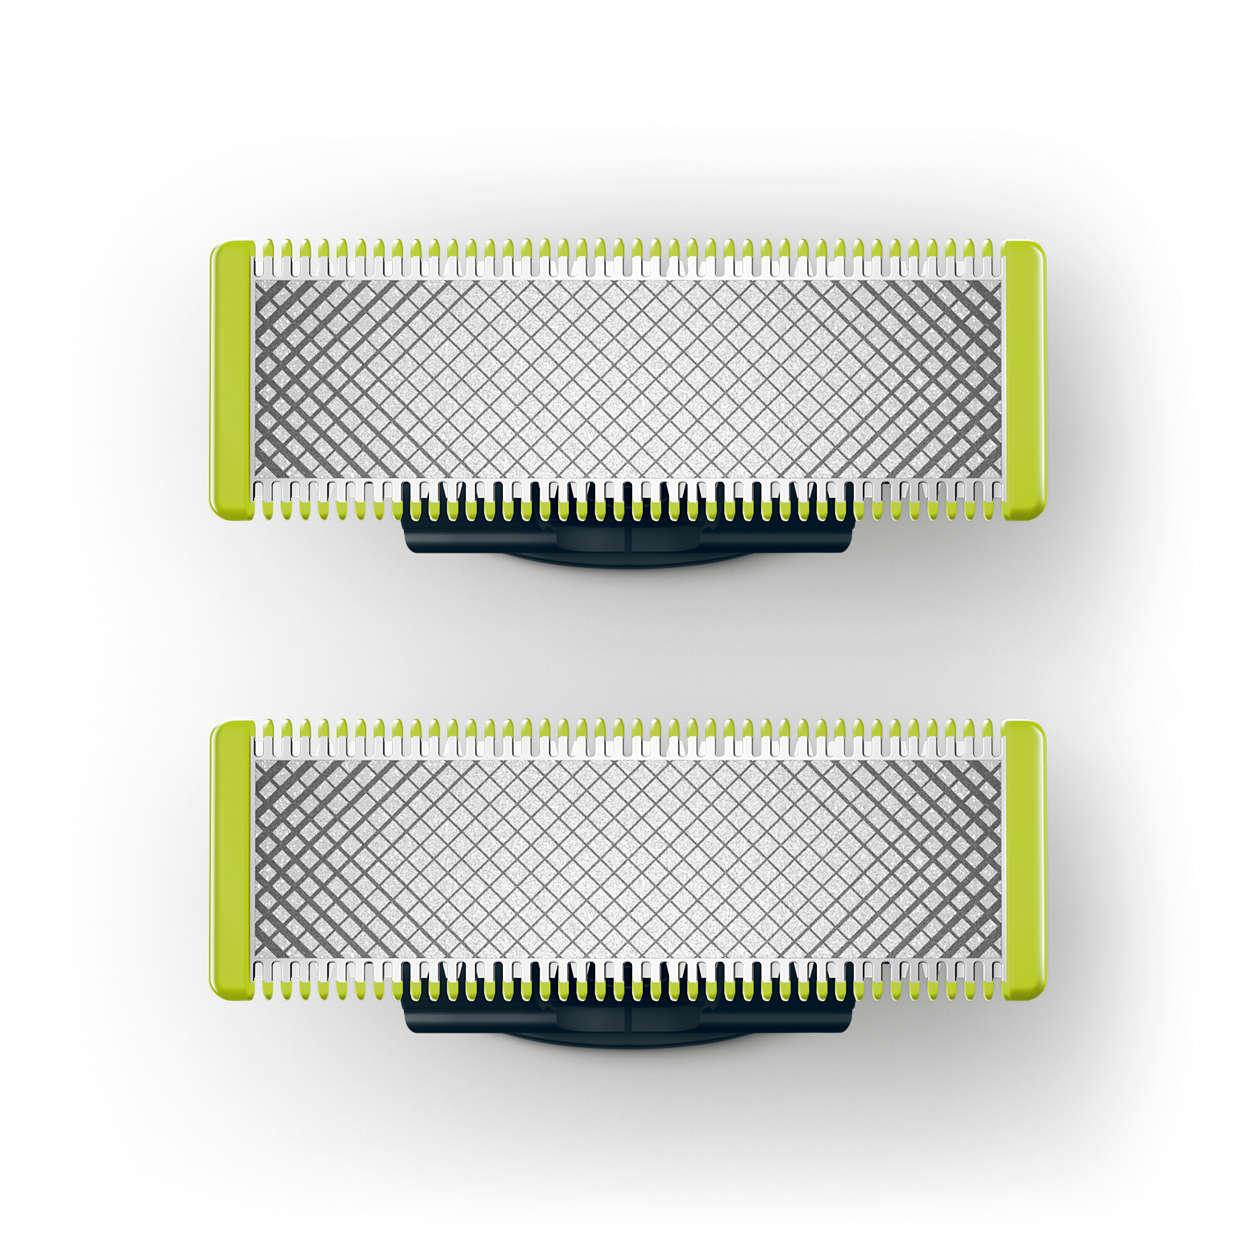 Pirkite OneBlade Keičiami ašmenys QP220/50 elektroninėje | Philips parduotuvėje